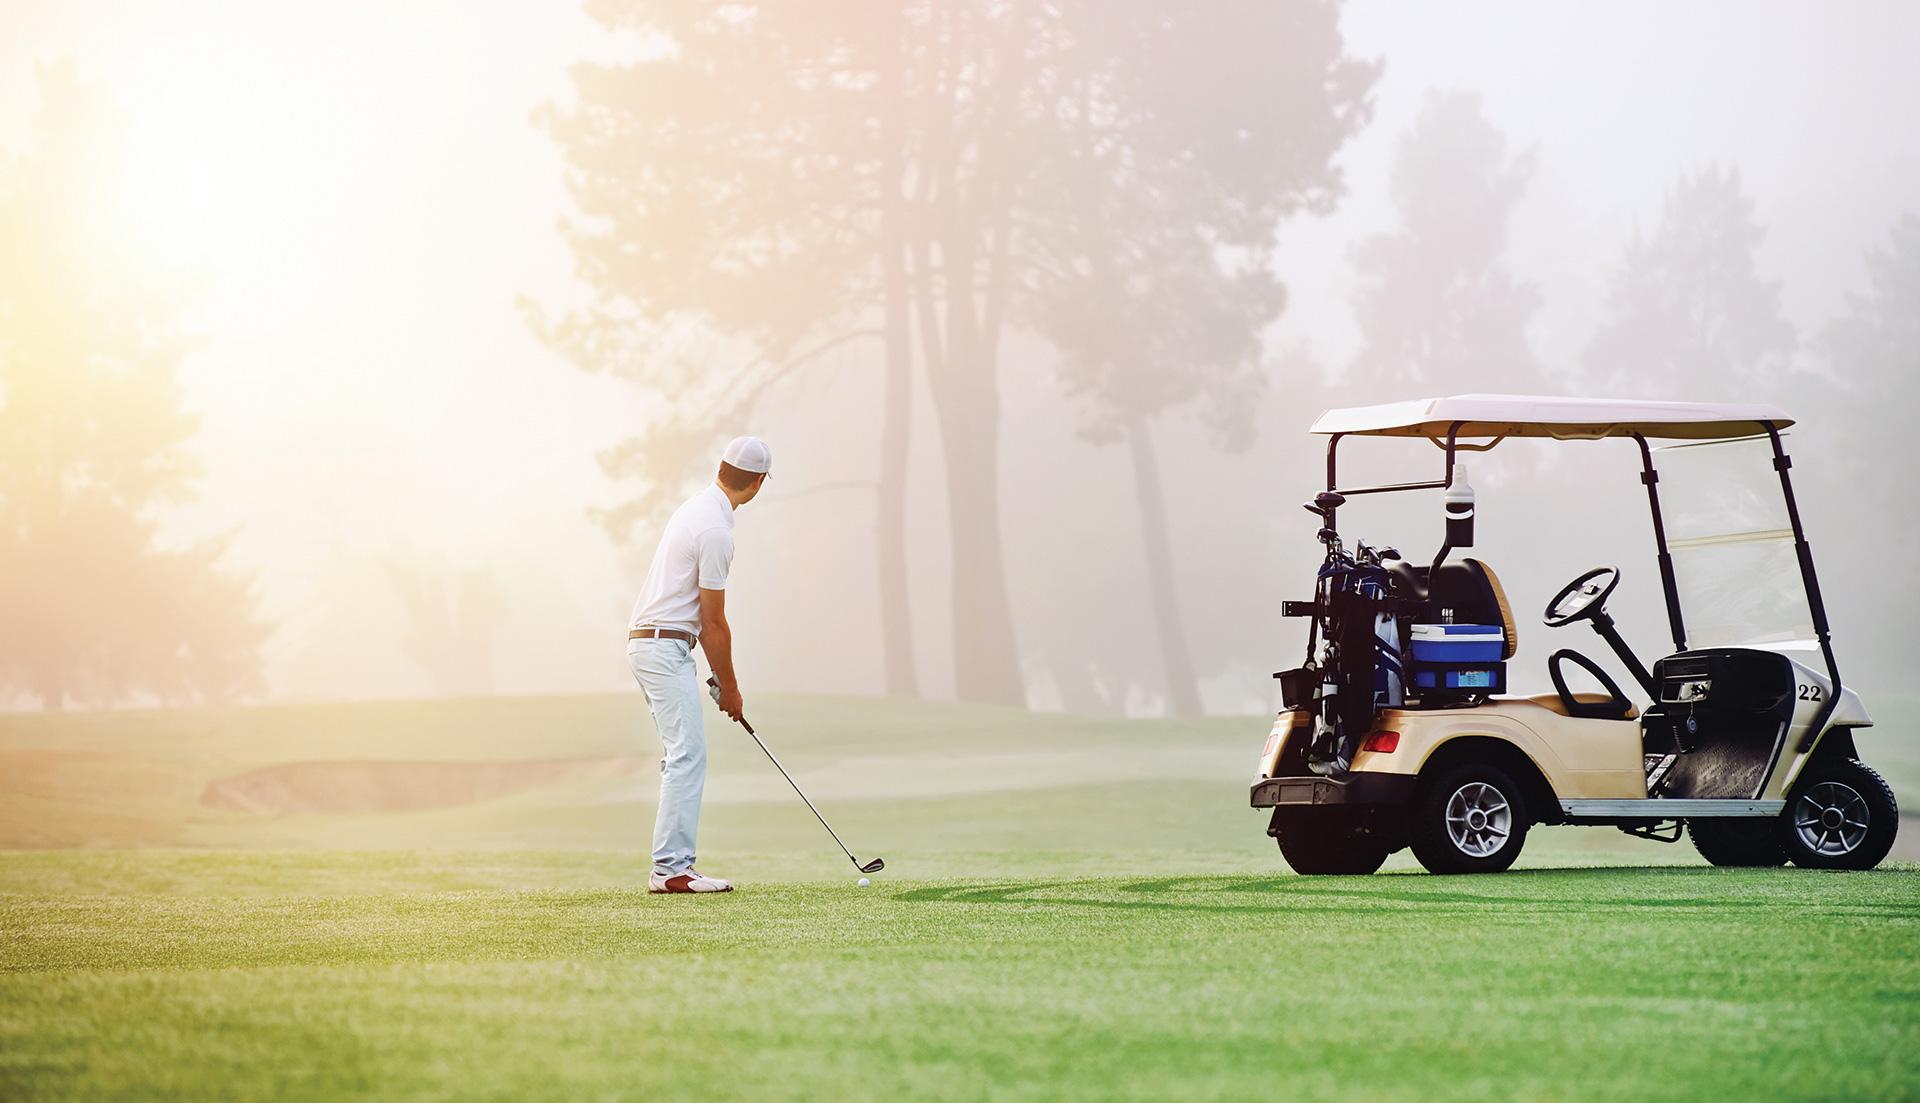 Loft-Golf-Boutique-Foggy-1.jpg